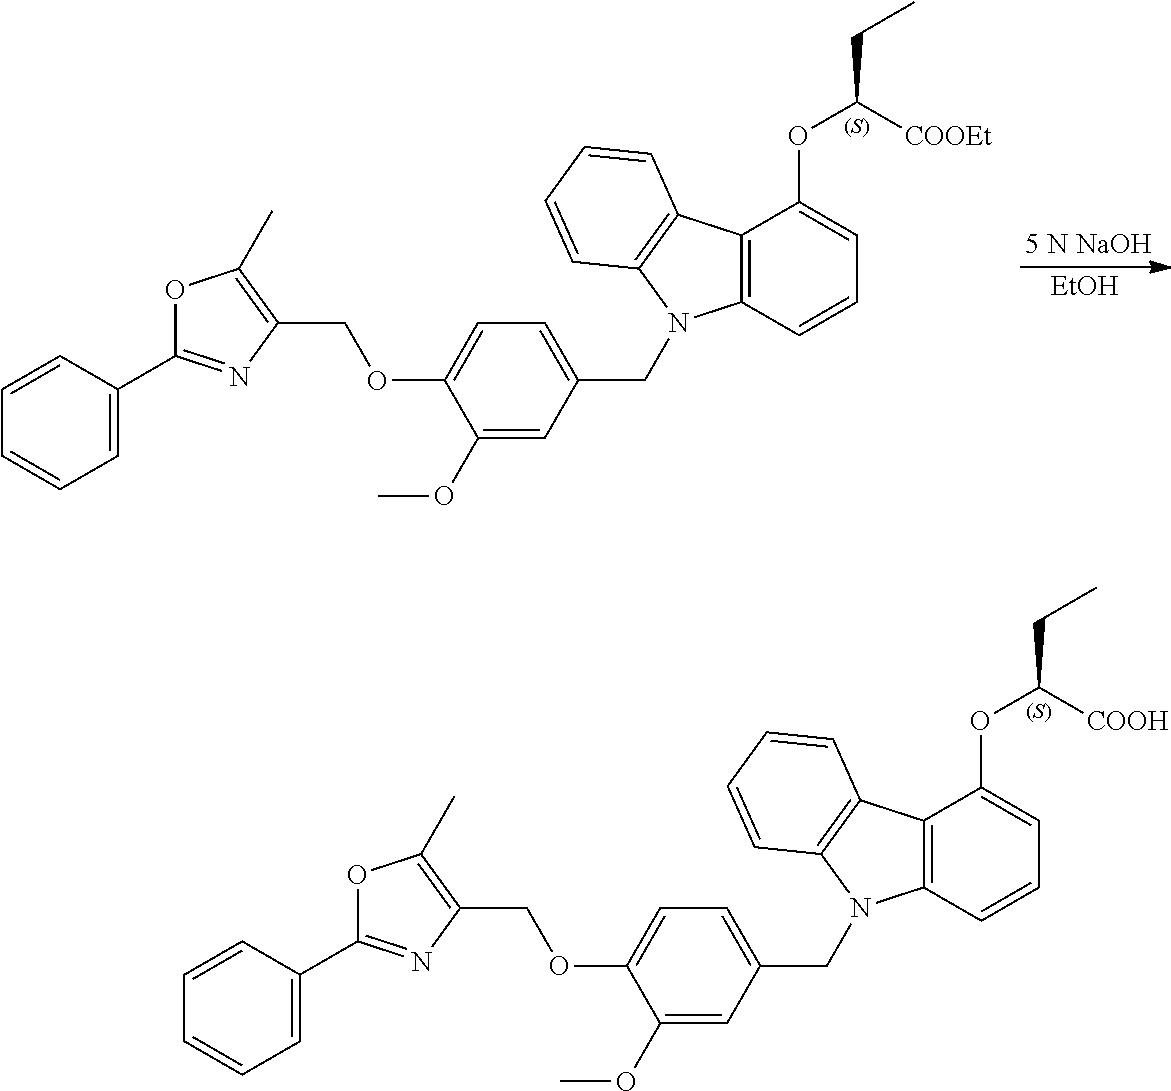 Figure US08329913-20121211-C00088